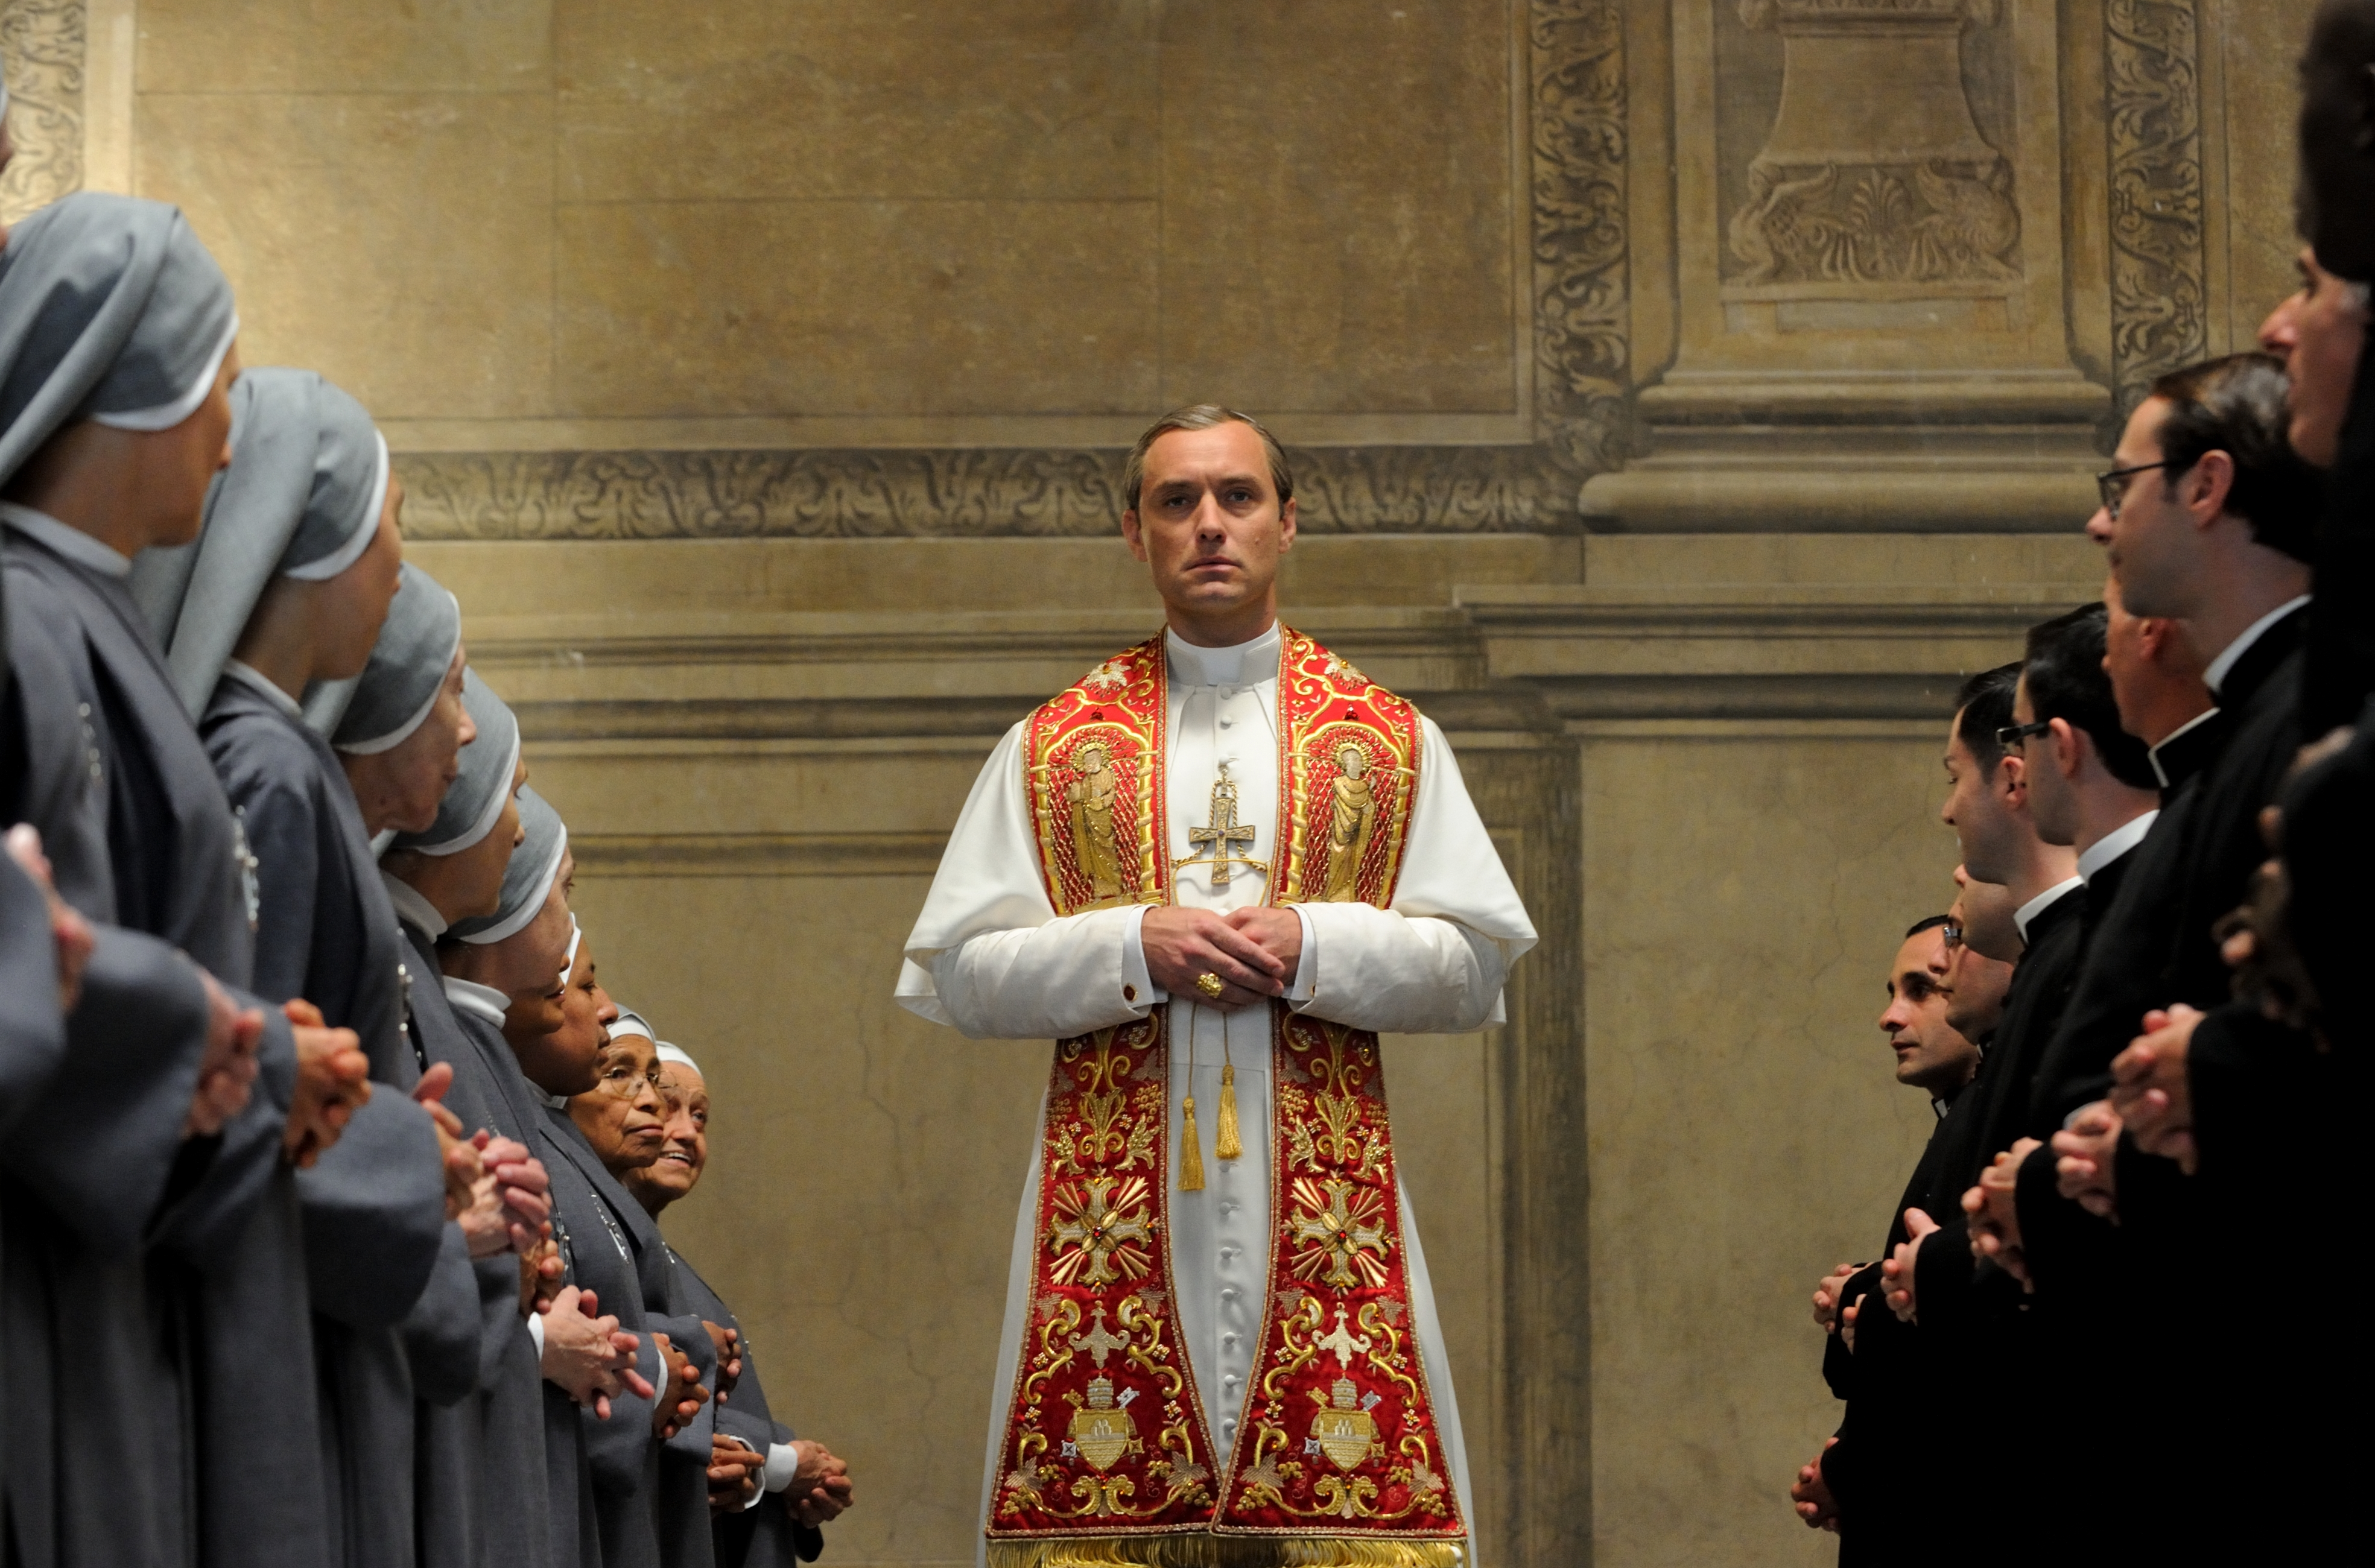 The Young Pope: un'immagine del Papa interpretato da Jude Law